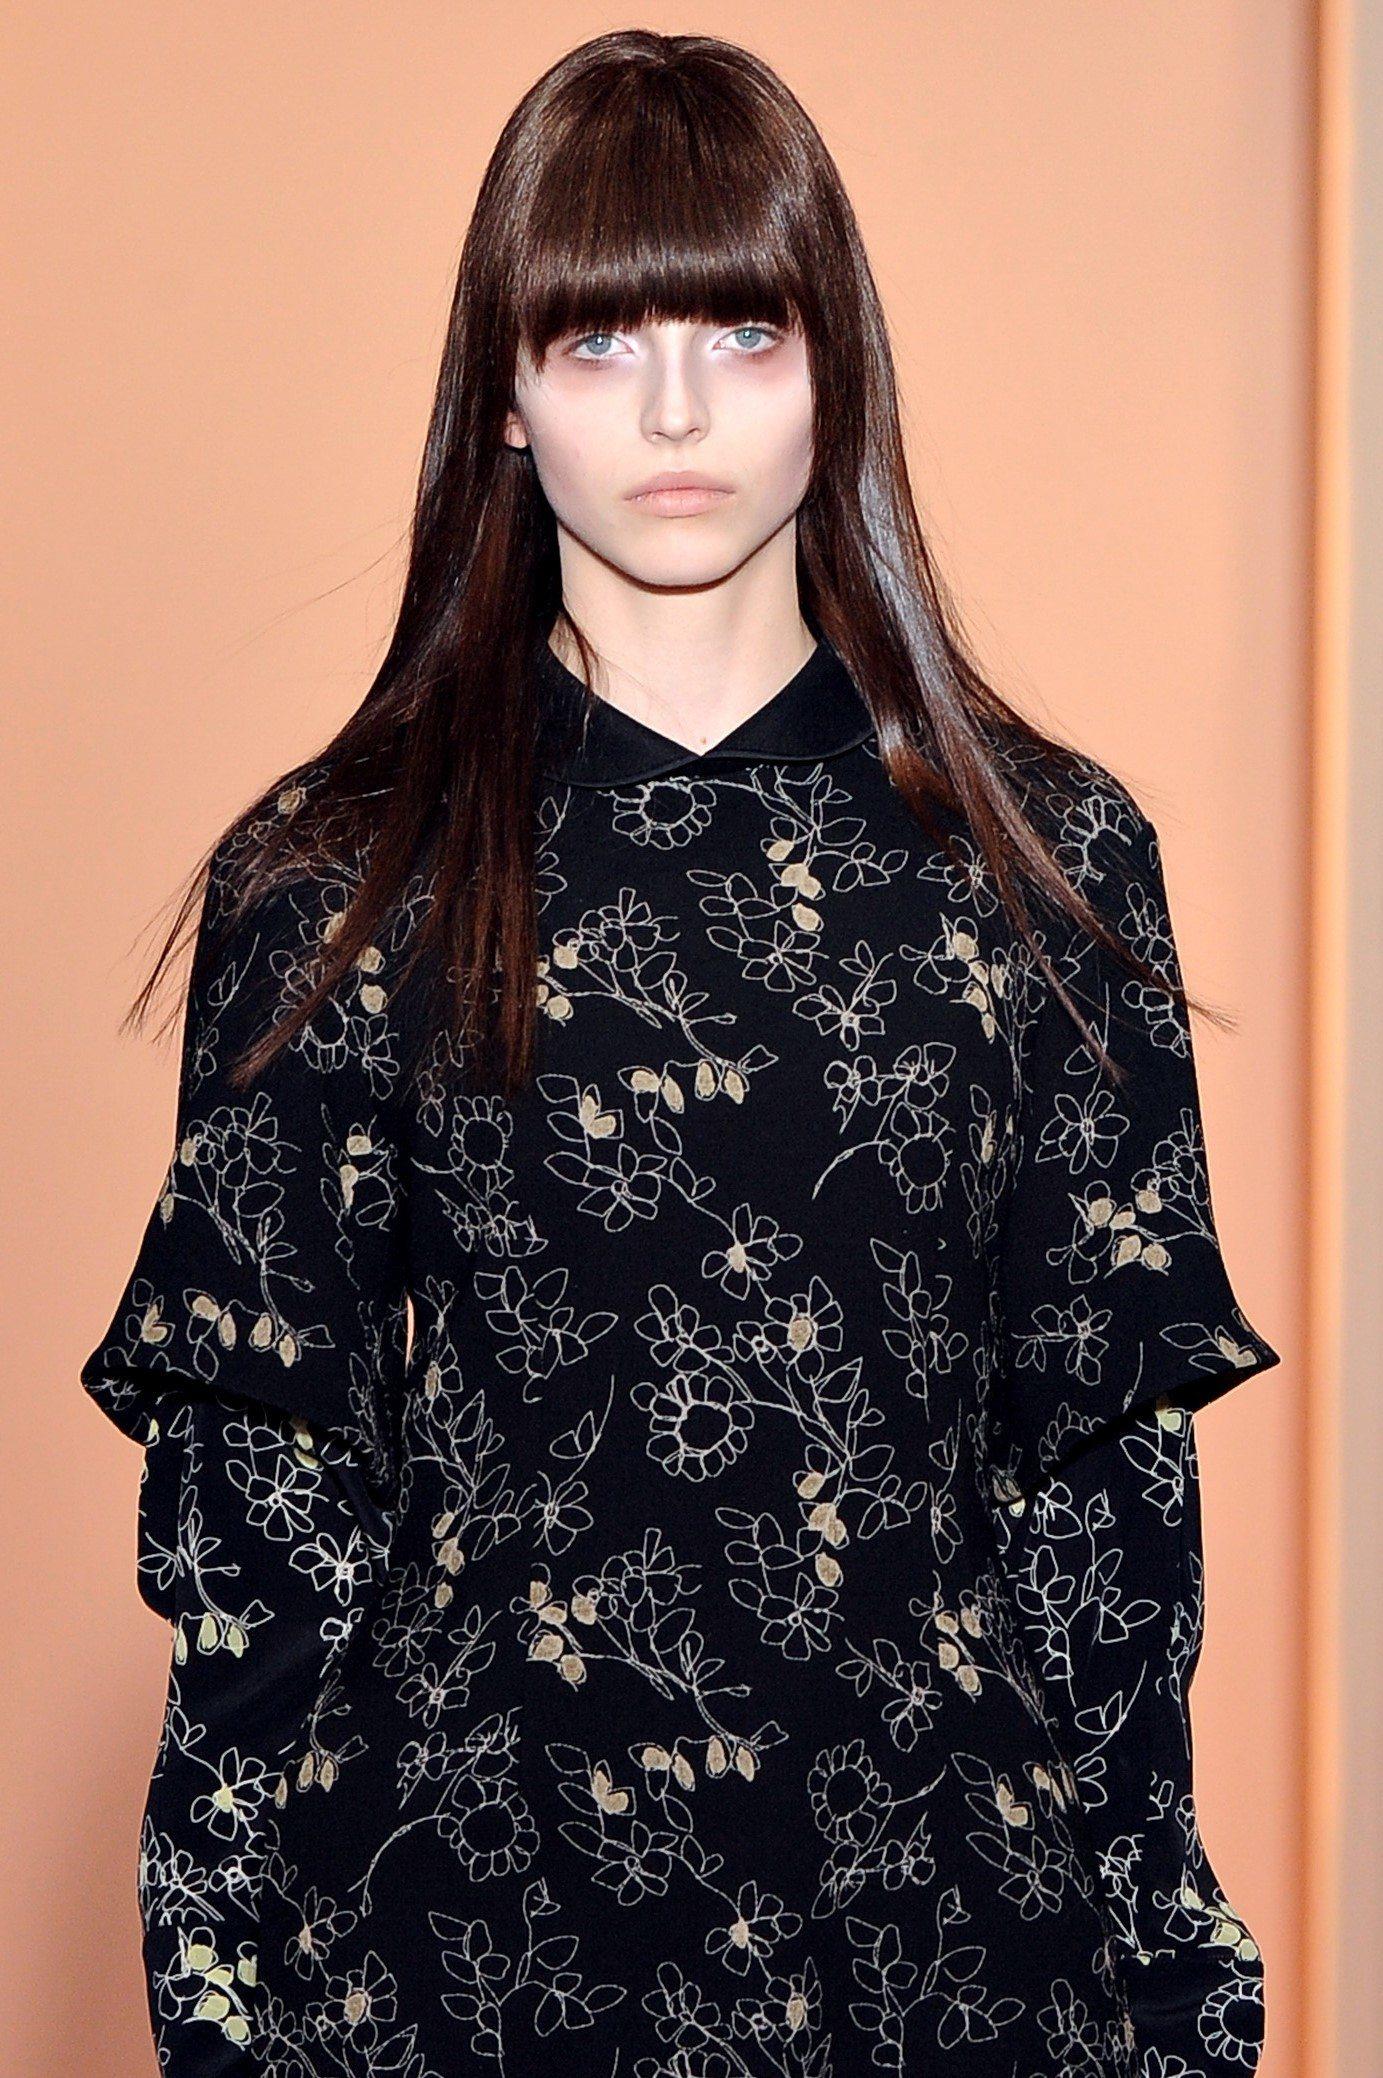 brunette marni model with a blunt full fringe